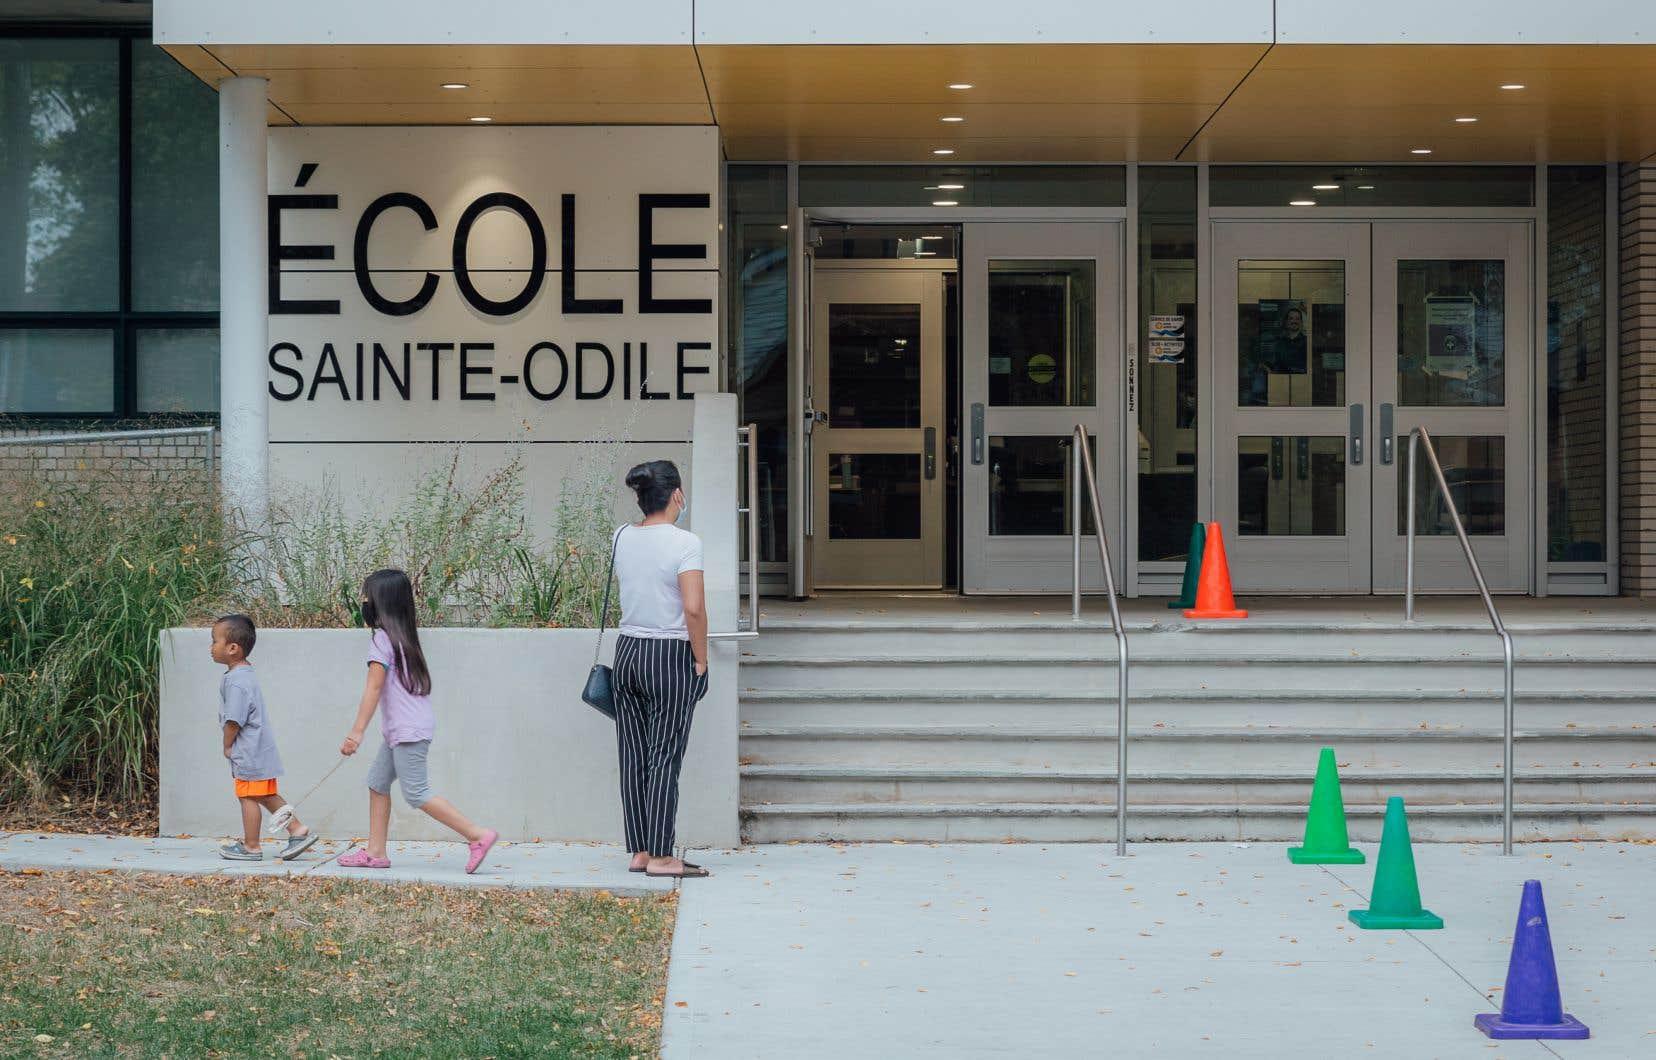 L'école Sainte-Odile et son annexe sont fermées depuis mardi et le demeureront jusqu'à vendredi.